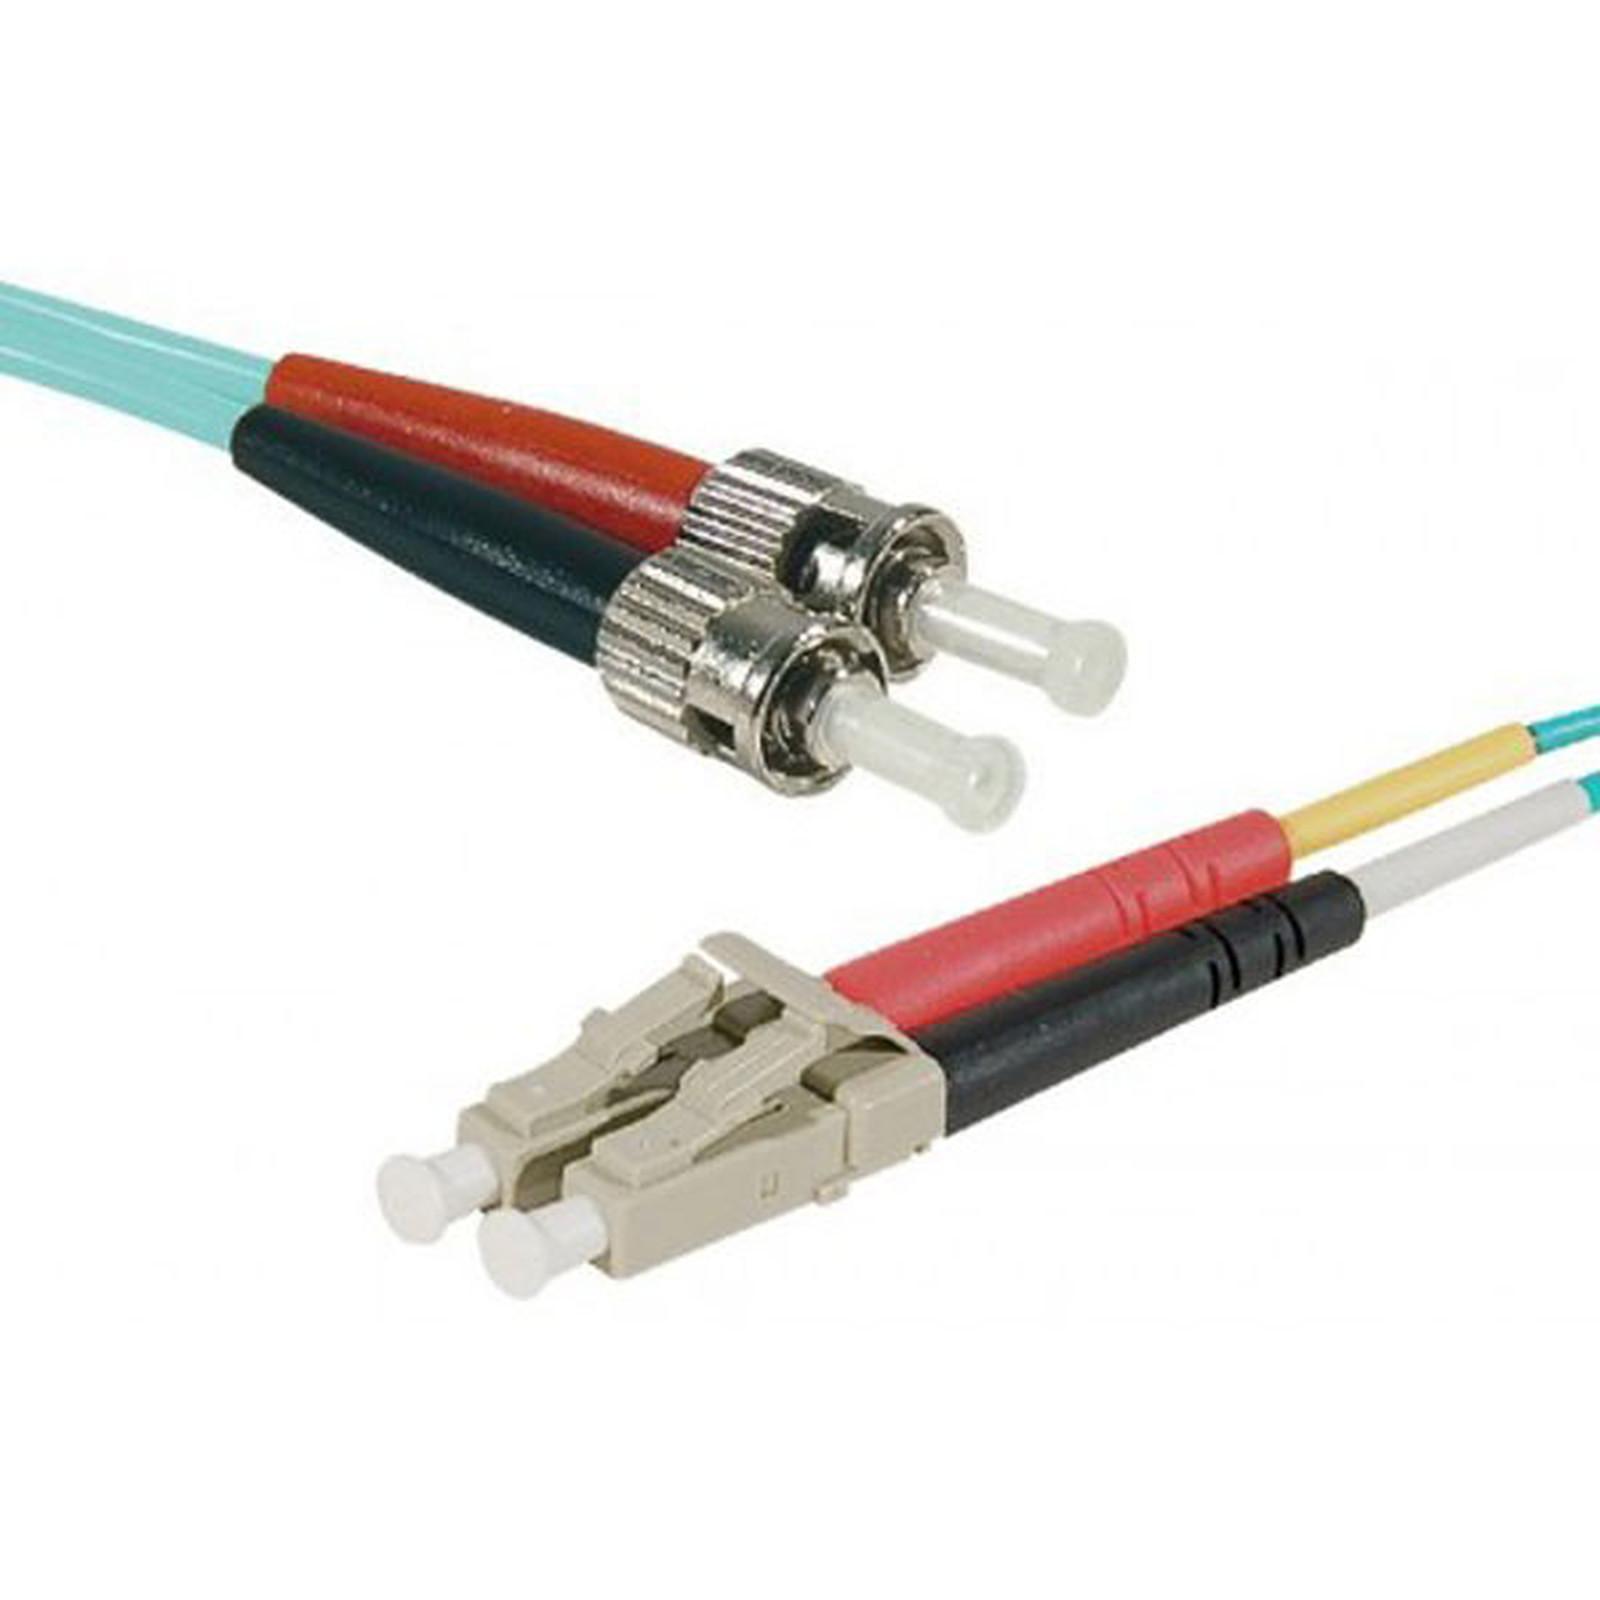 Cable de fibra óptica multimodo OM4 50/125 LC/ST (1 metro)